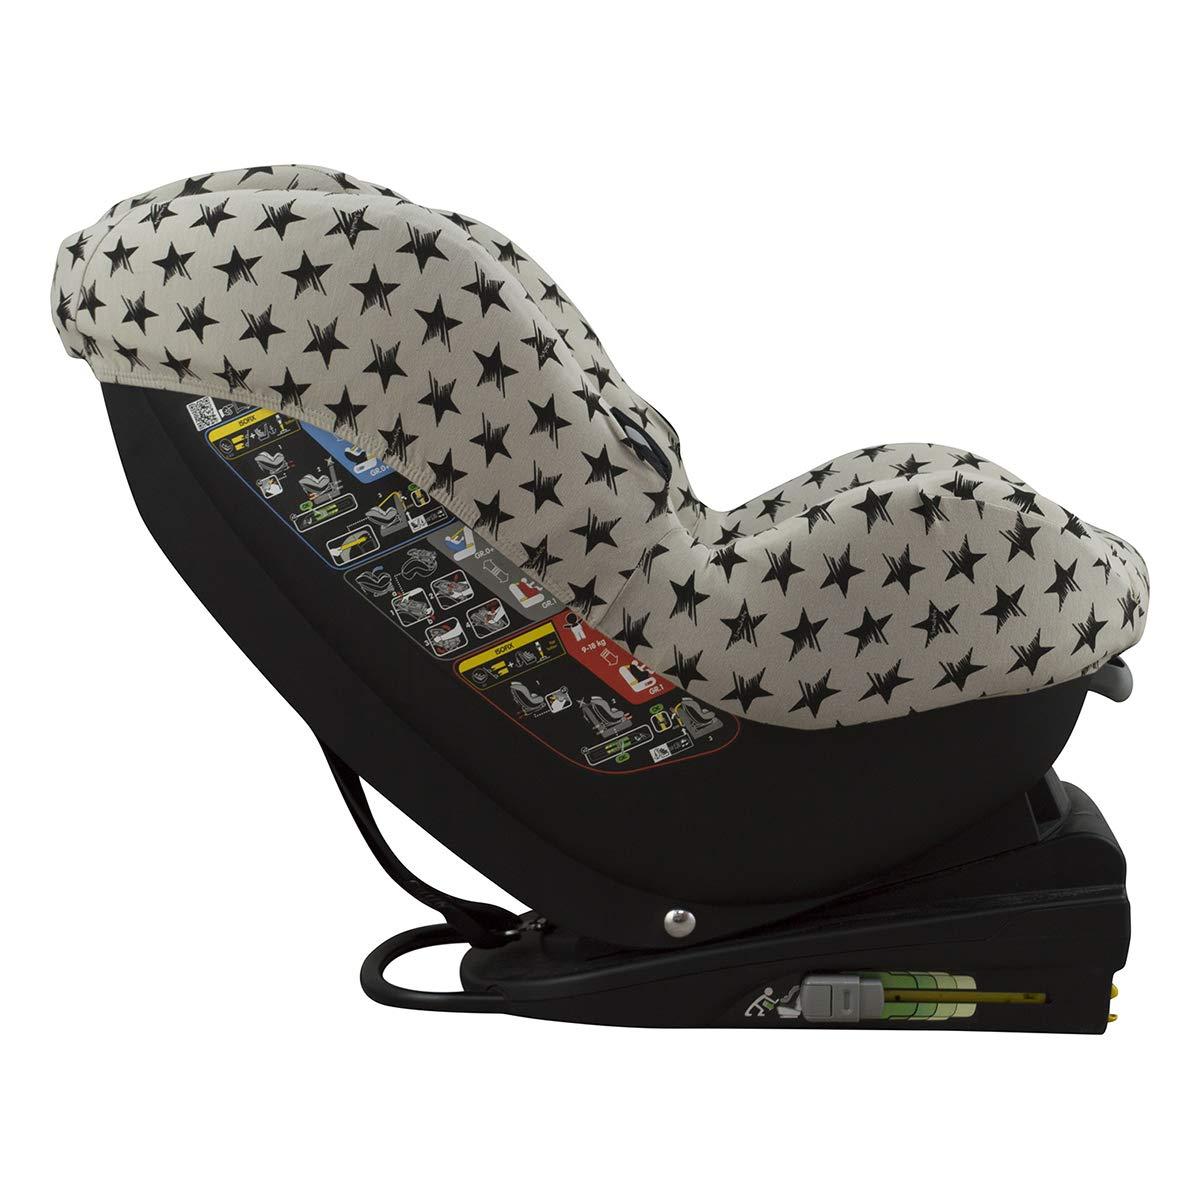 Amazon.com: Janabebé - Funda para Maxi COSI Milofix: Baby